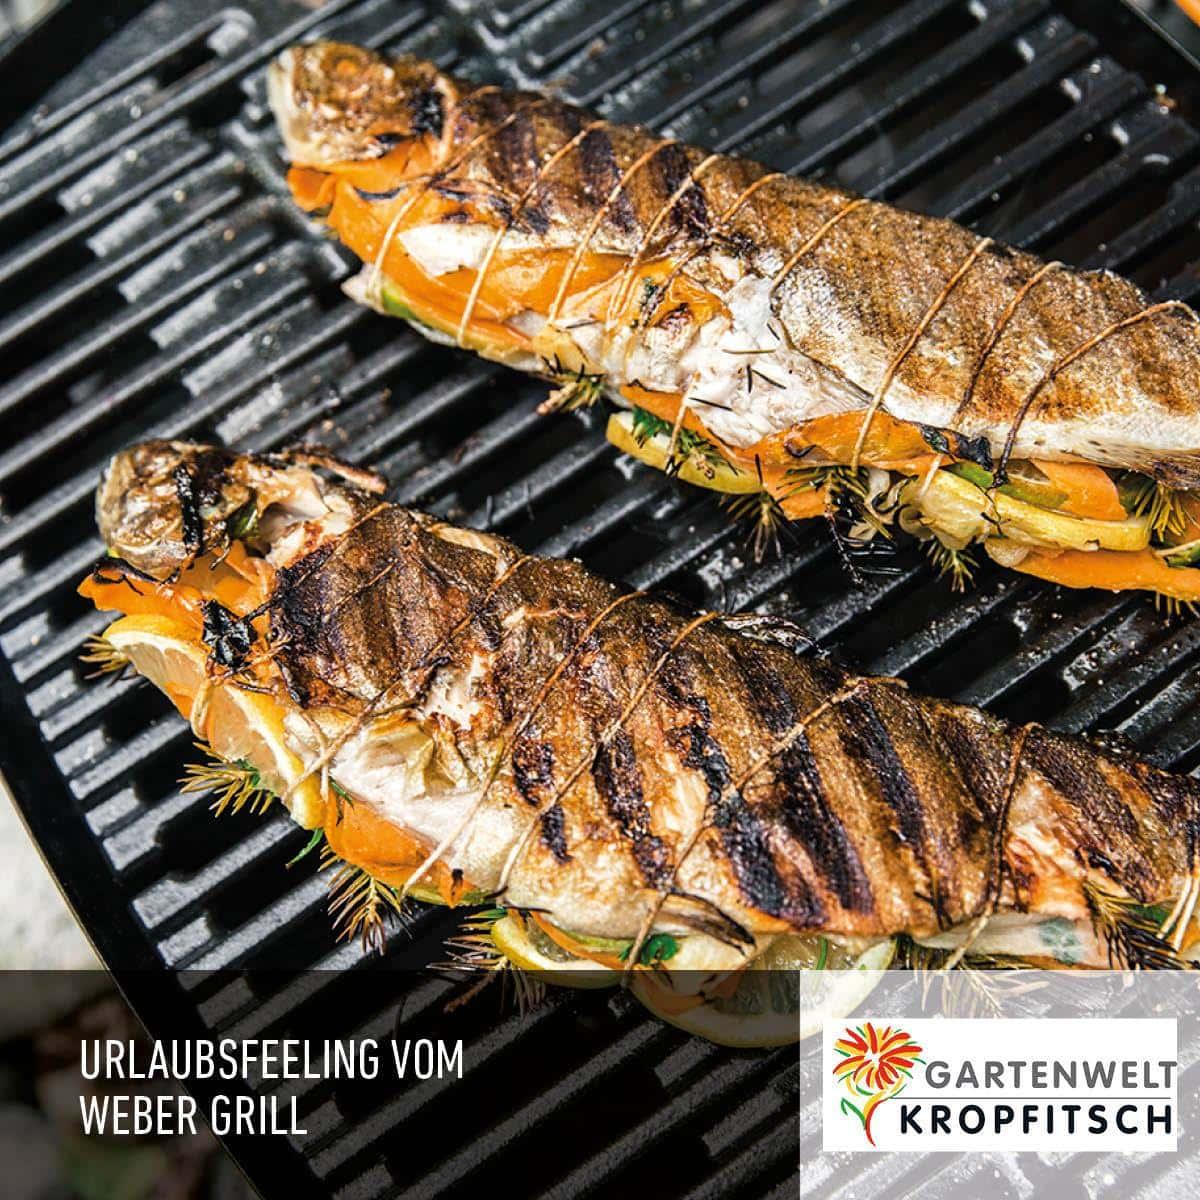 zwei Grillfische mit Zitronenscheiben, Paprika und Kräutern eingewickelt liegen auf einem Webergrill der Gartenwelt Kropfitsch, dabei steht Urlaubsfeeling vom Webergrill